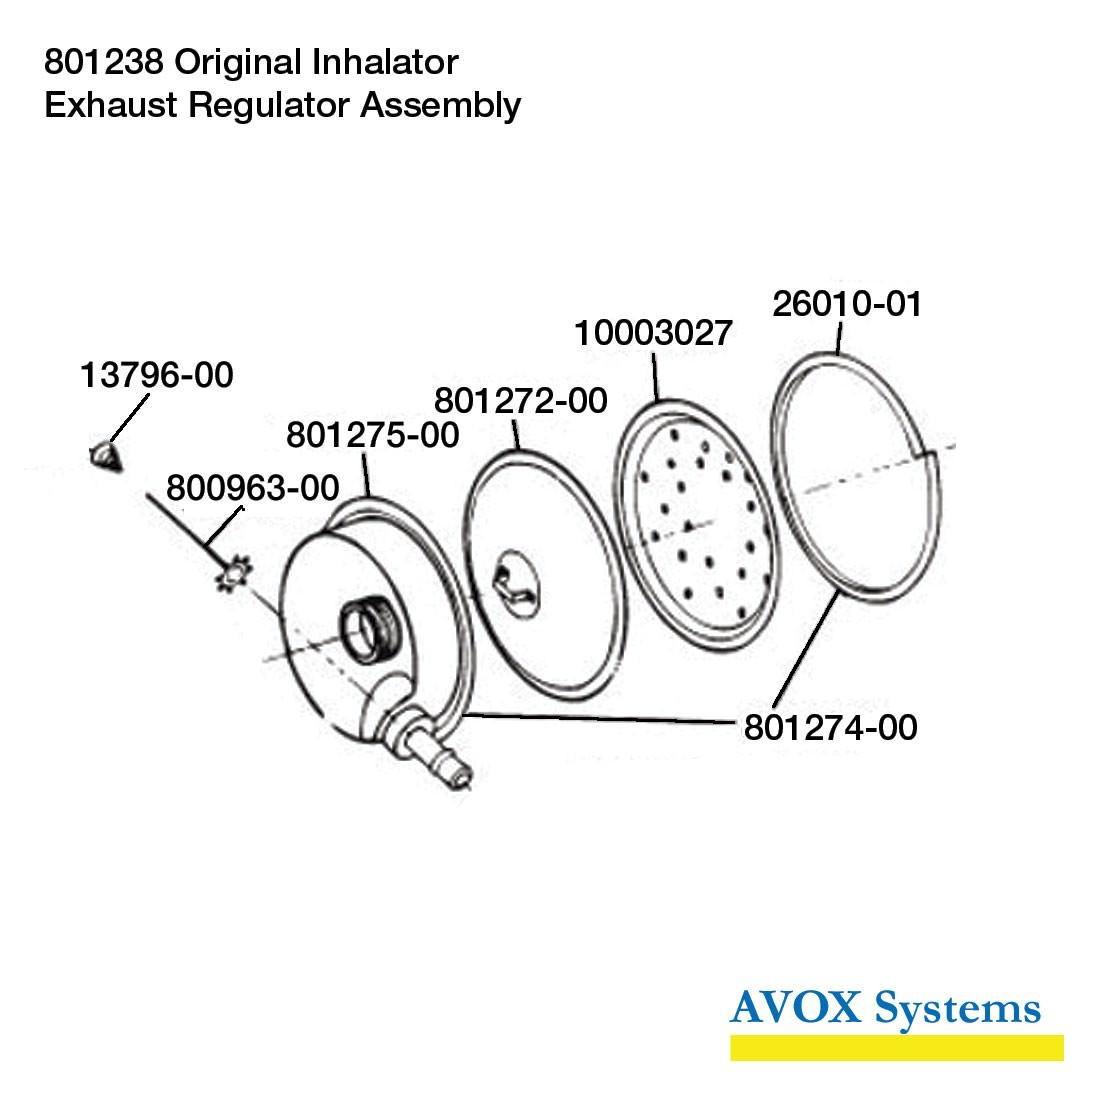 801238 Exhaust Regulator - Spares